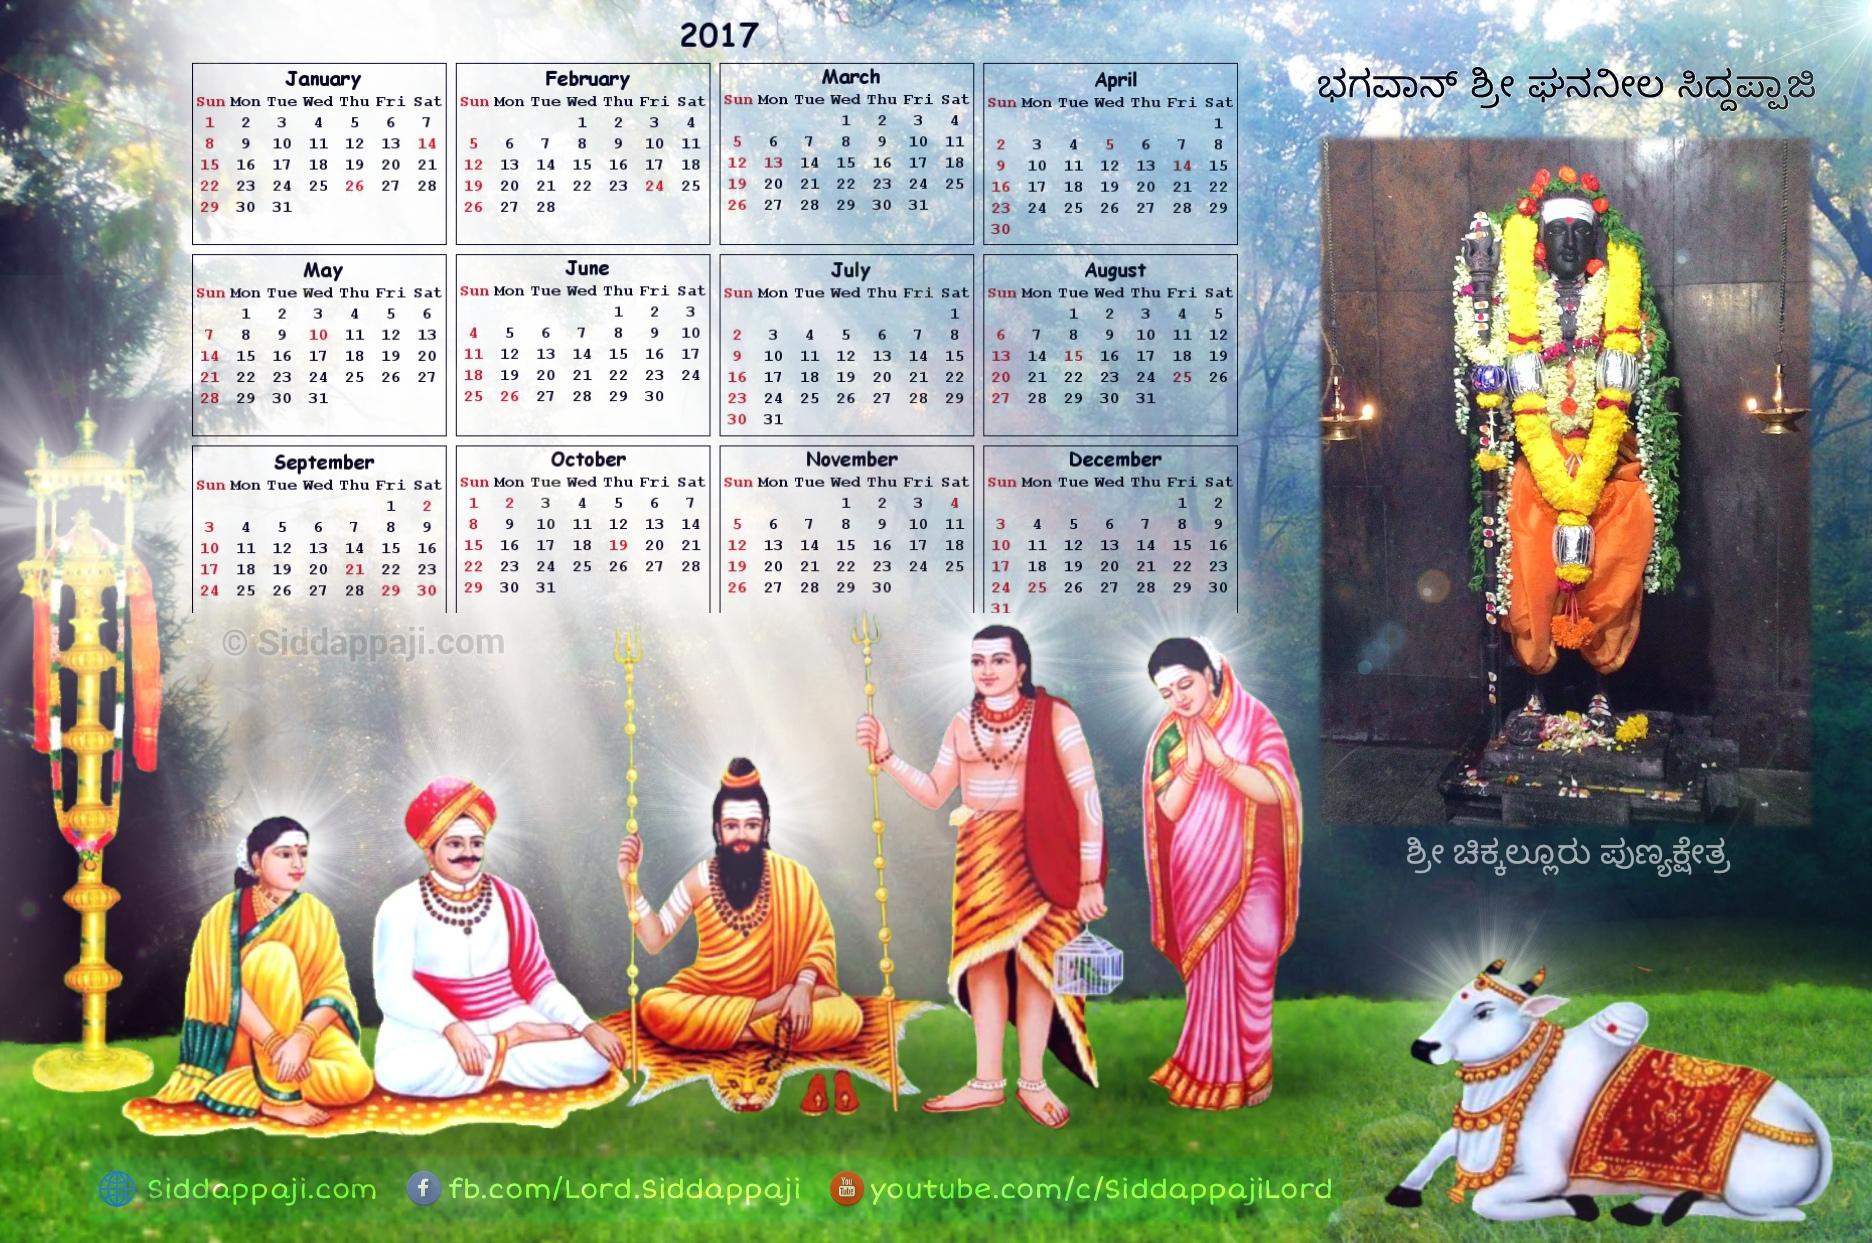 Sri Siddappaji Calendar 2017 (Free Download)